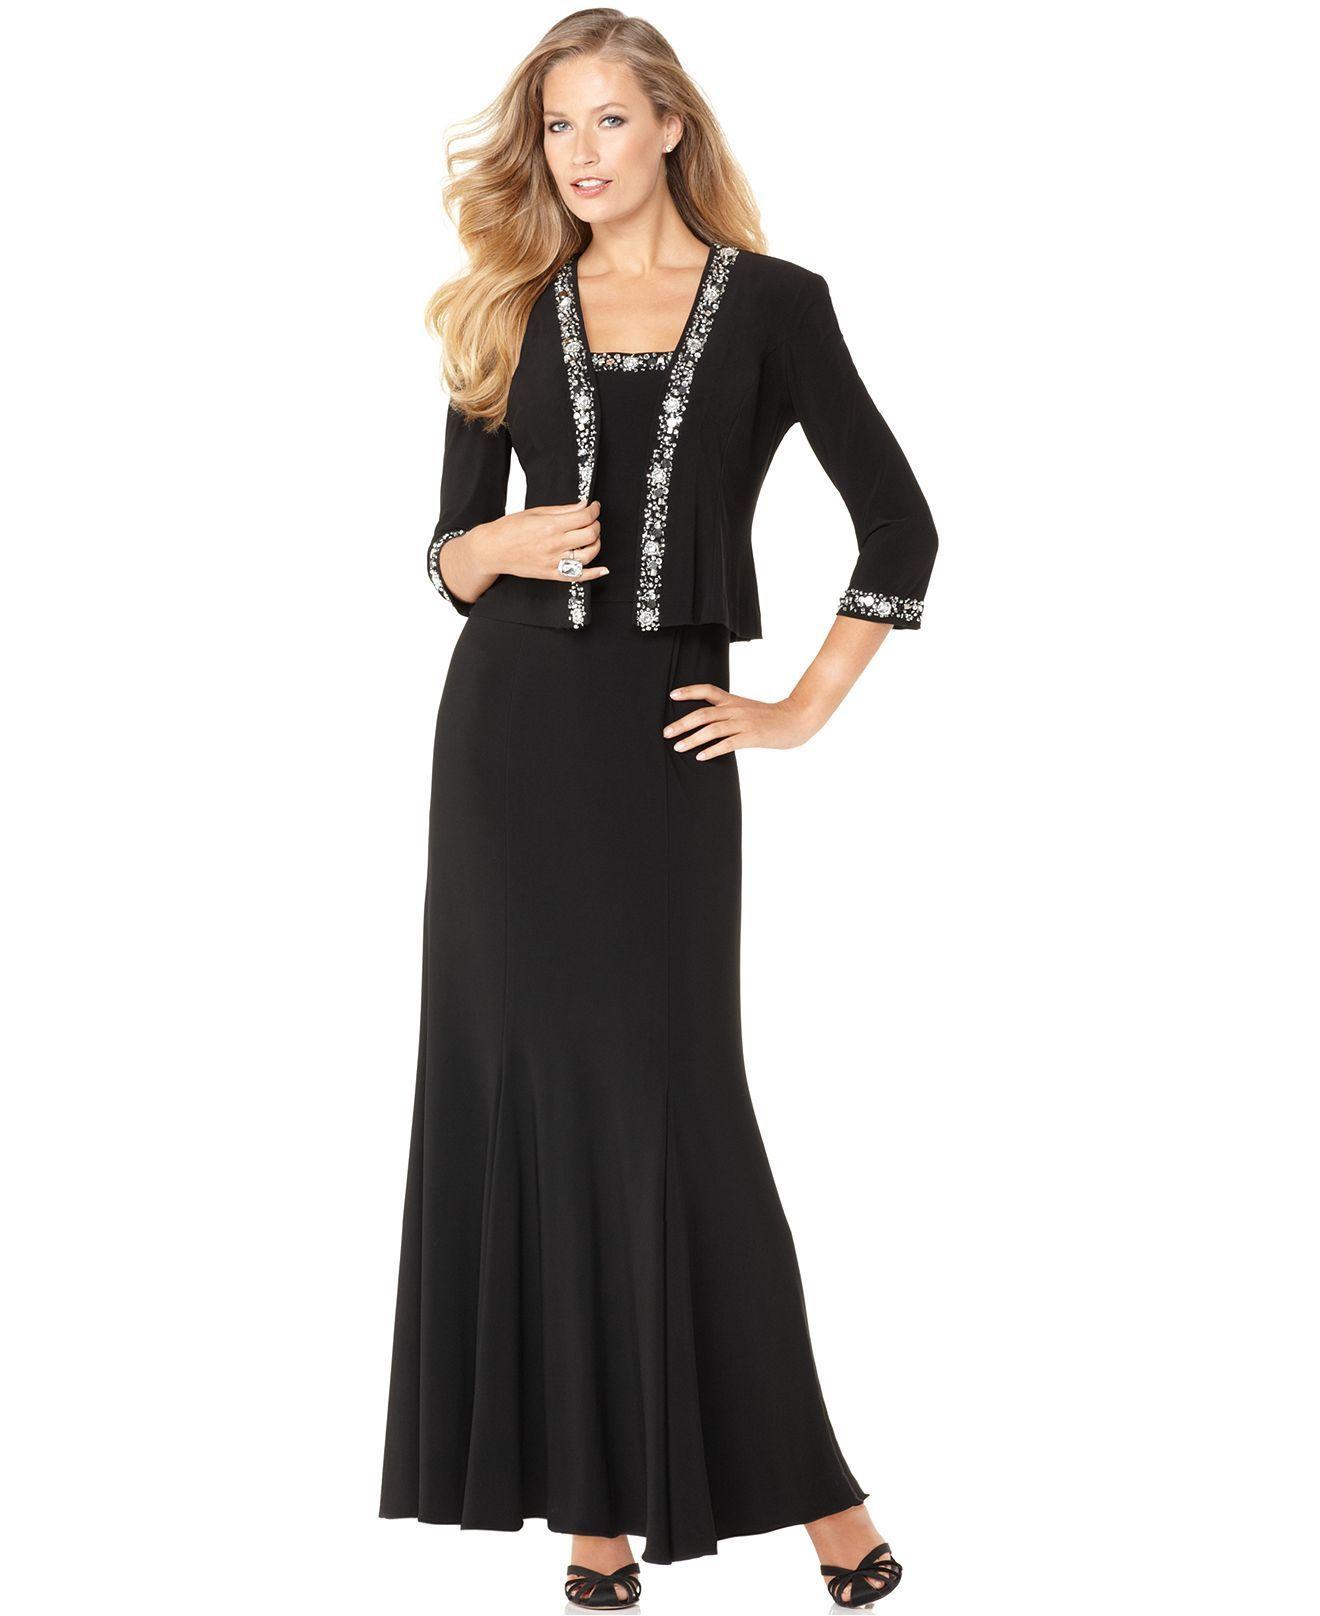 50+ Macys Womens Dresses Wedding - How to Dress for A Wedding Check ...